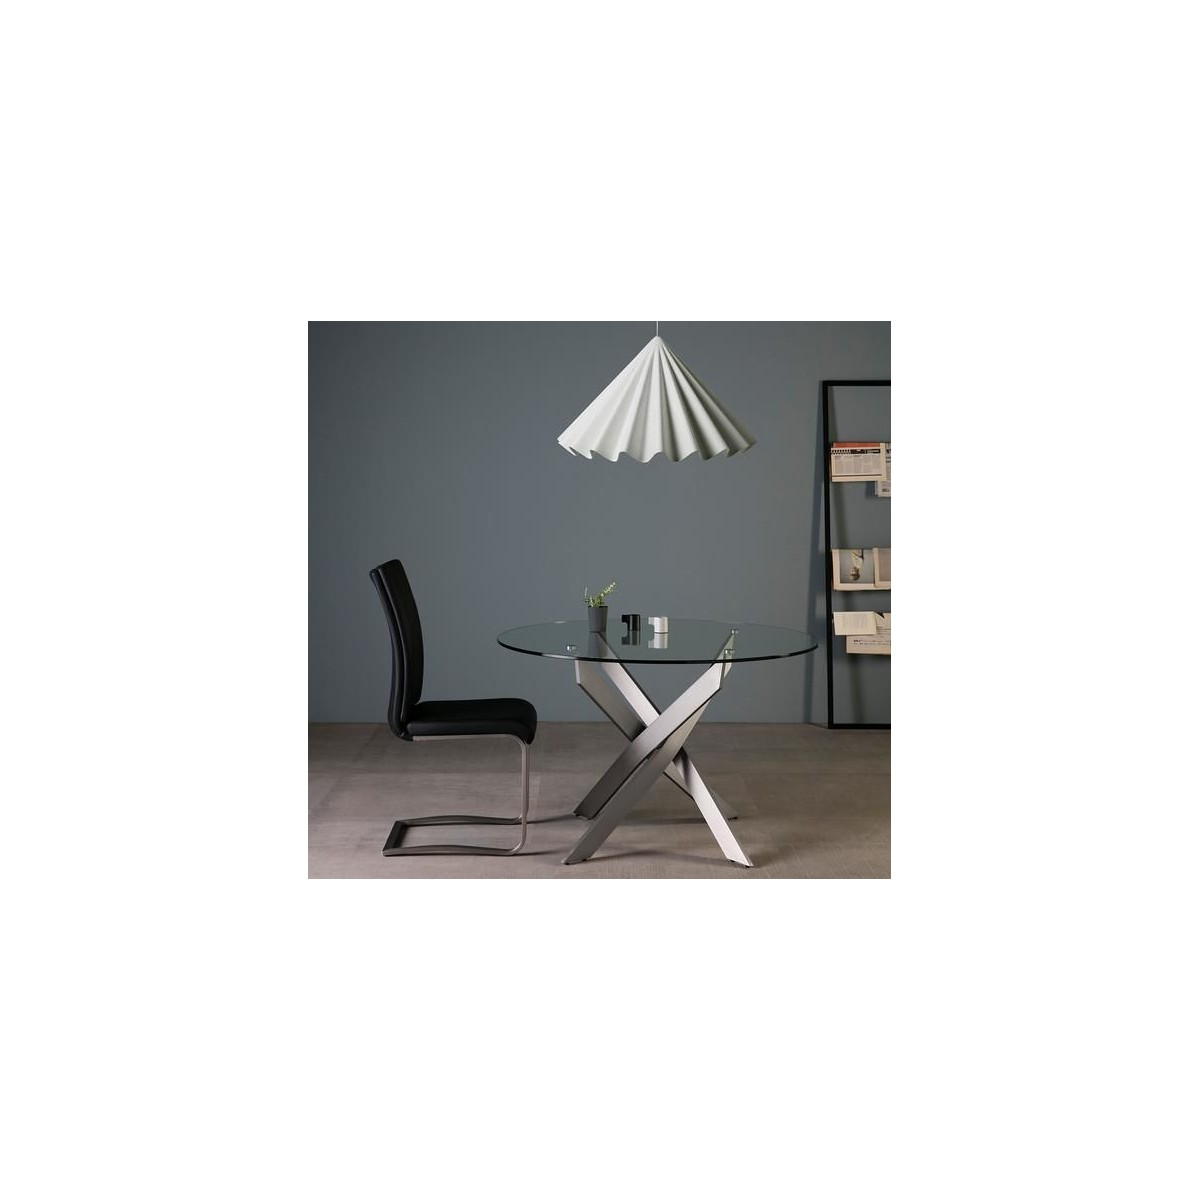 Mesa redonda moderna acero y cristal de marckeric michelle for Mesas redondas de cristal y acero